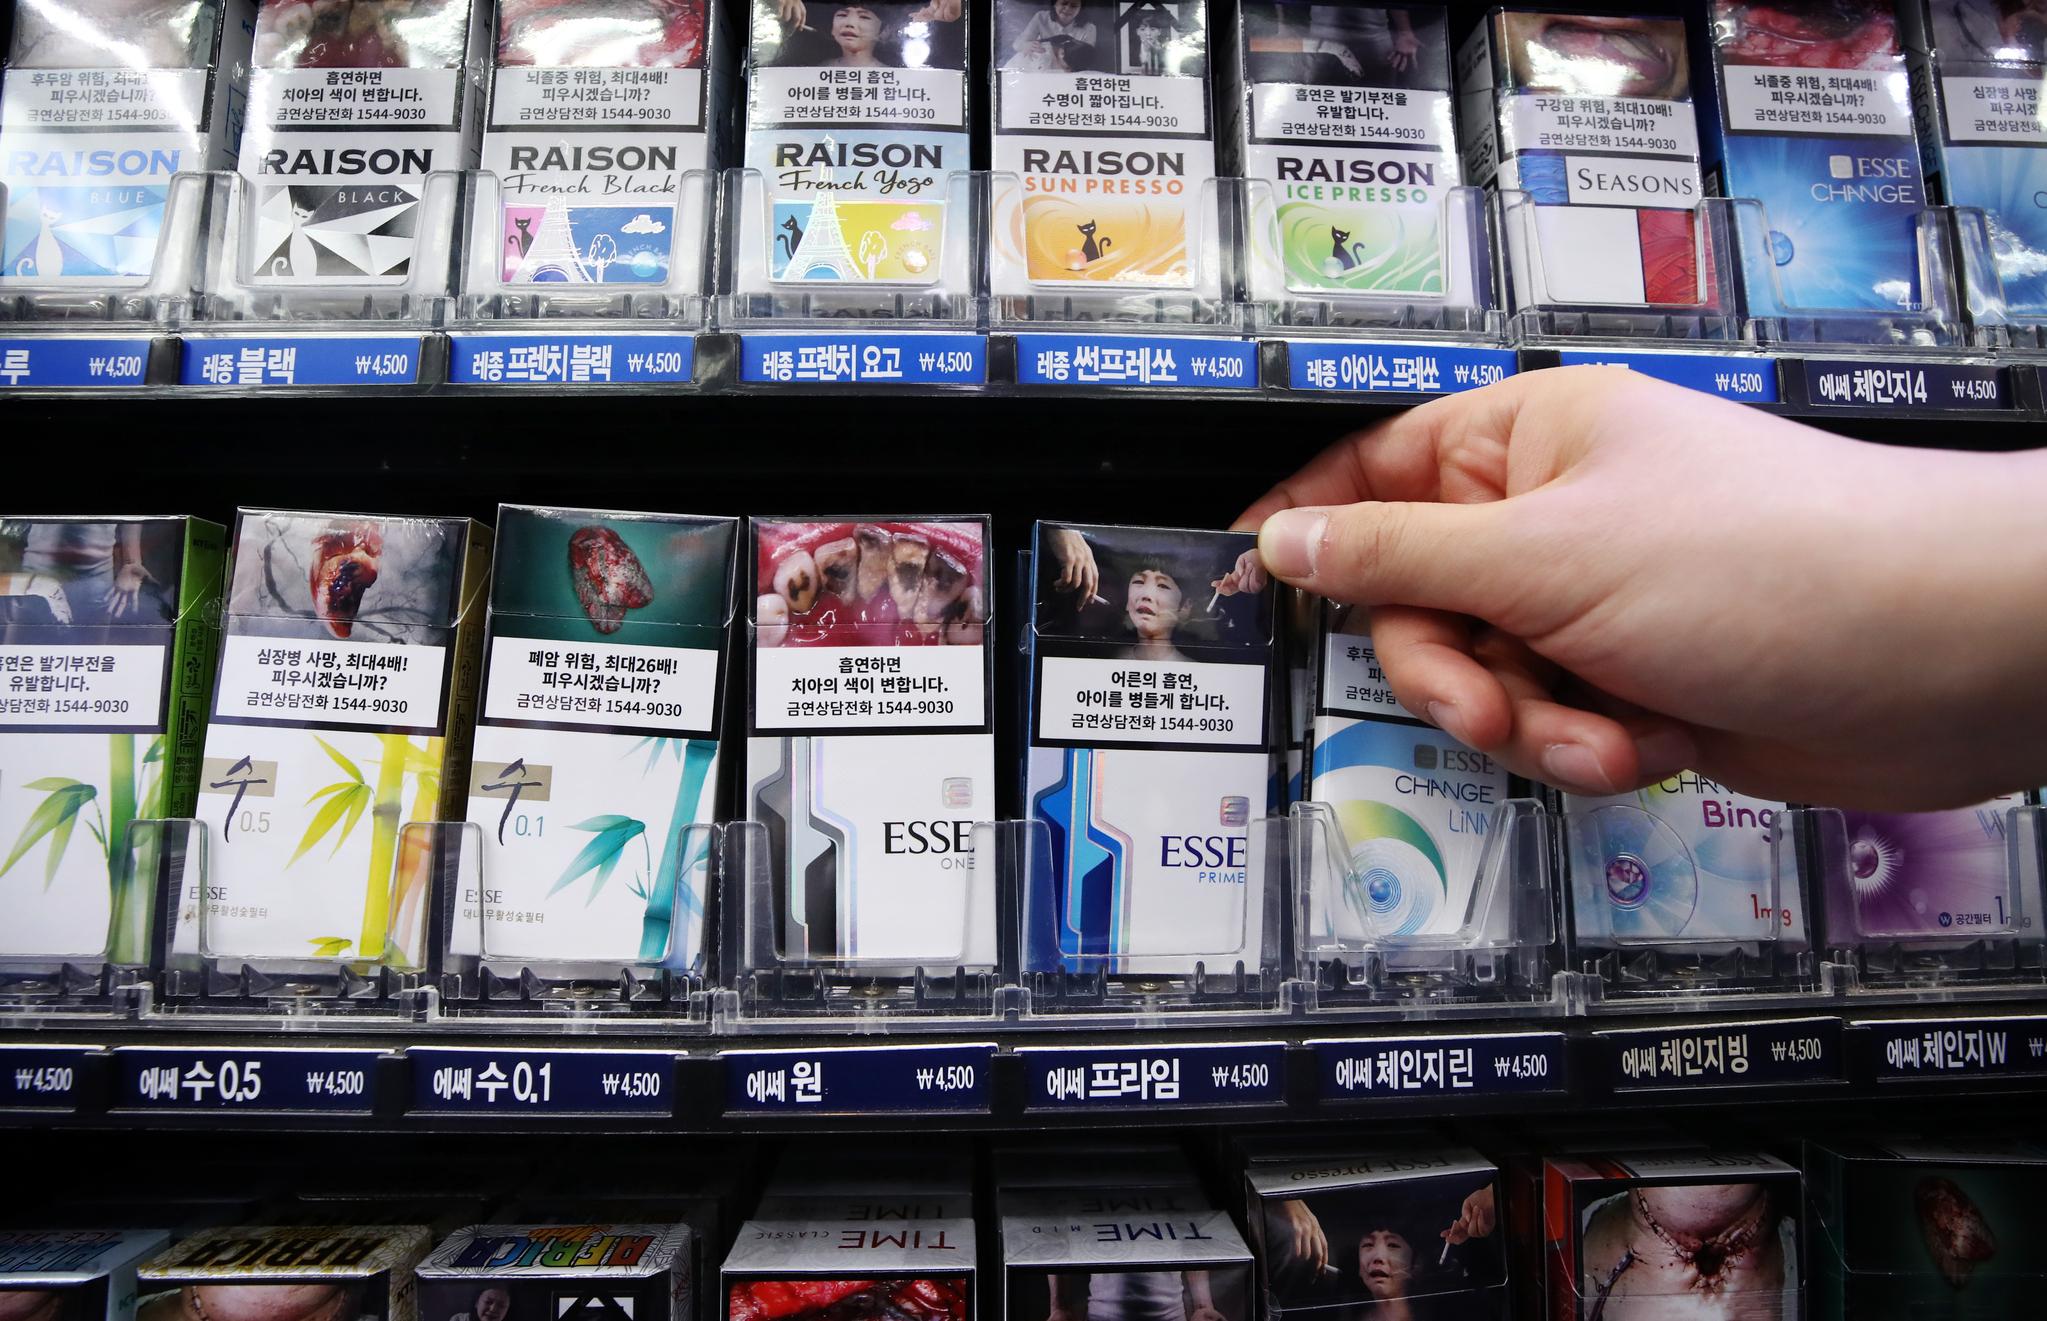 지난해 12월 서울 종로구 한 편의점에서 새로운 흡연 경고그림이 그려진 담뱃갑이 진열된 모습. 연합뉴스